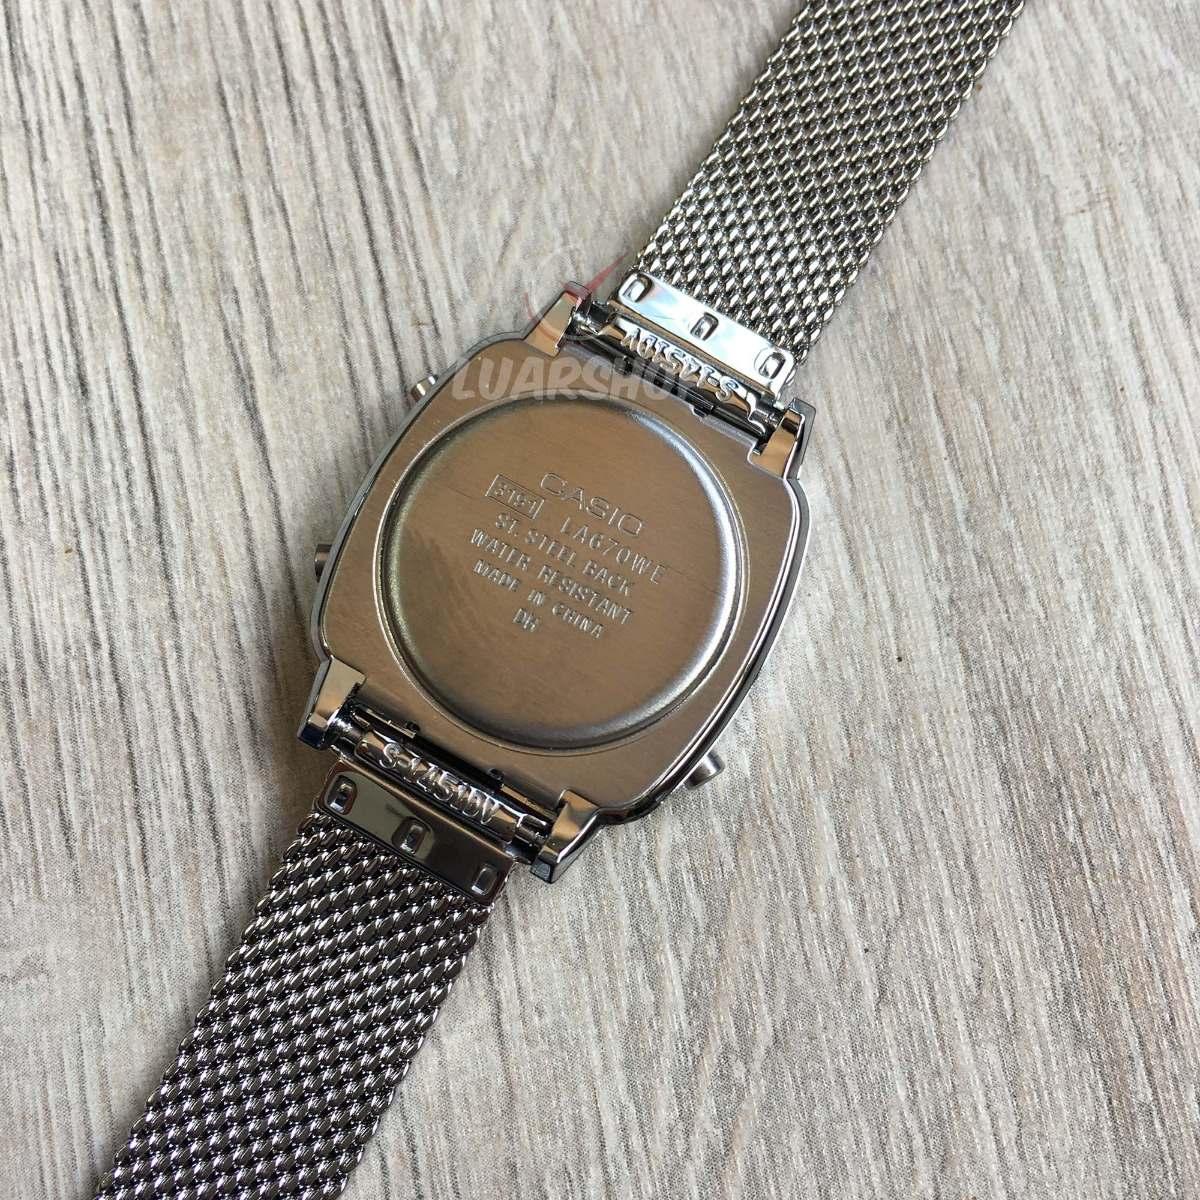 b2ad7b8d7dd Relógio Casio Digital Mini Feminino La670wem Prata Original - R  172 ...